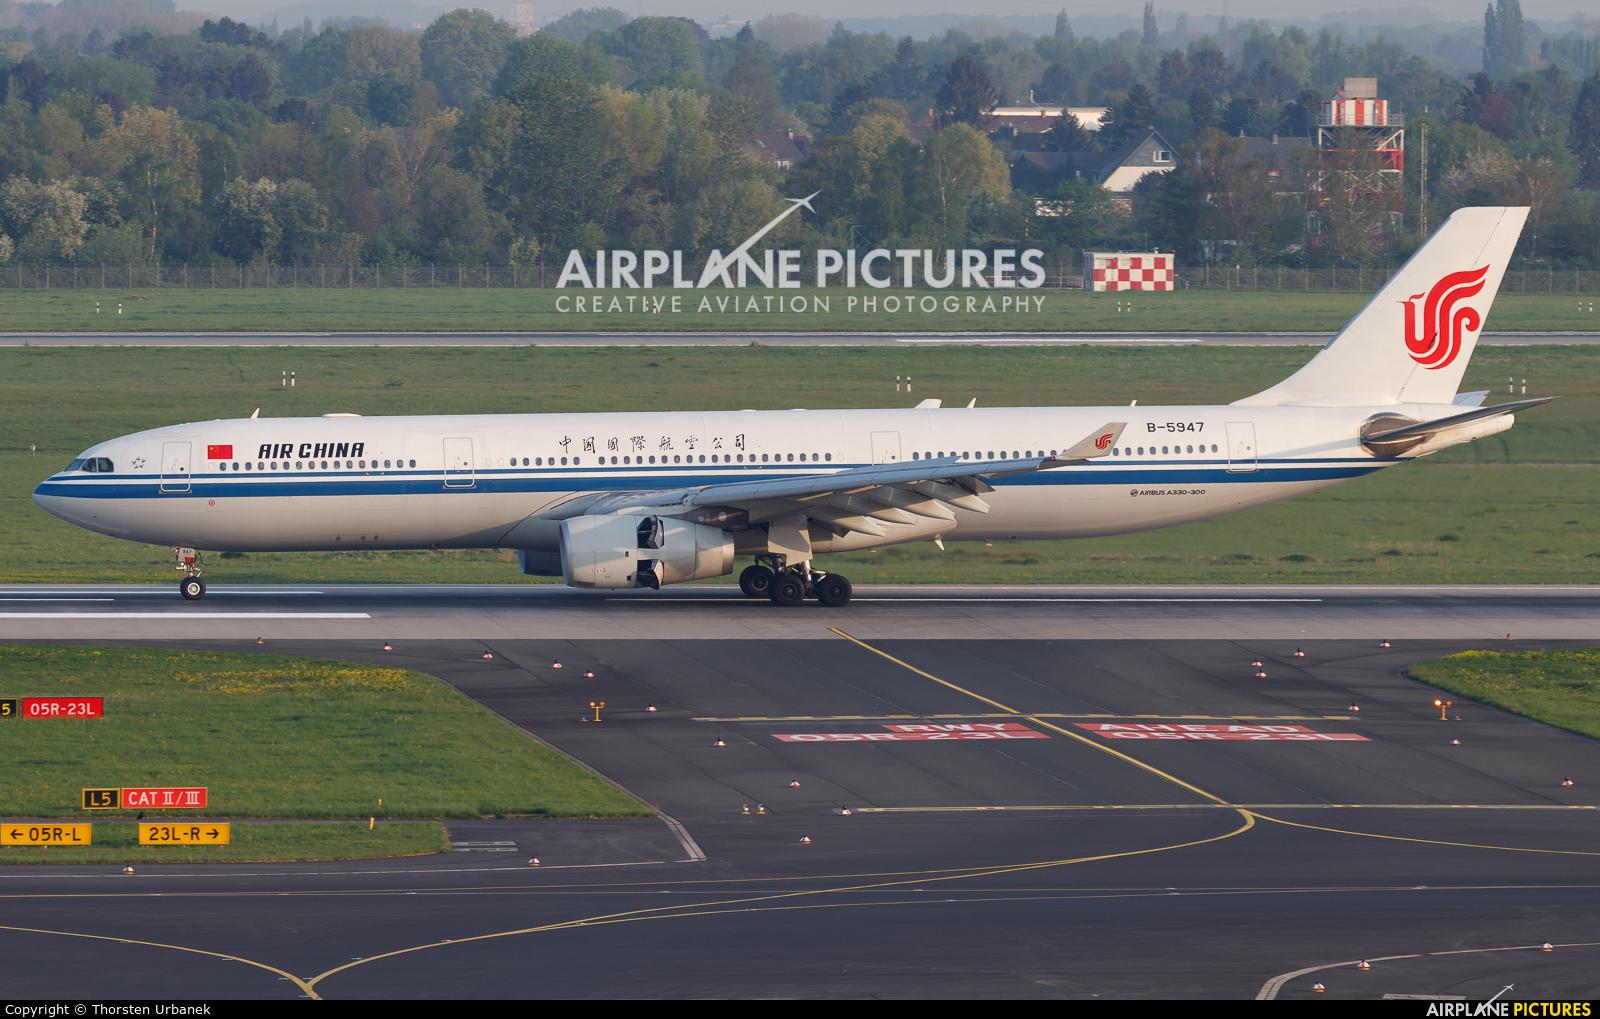 Air China B-5947 aircraft at Düsseldorf